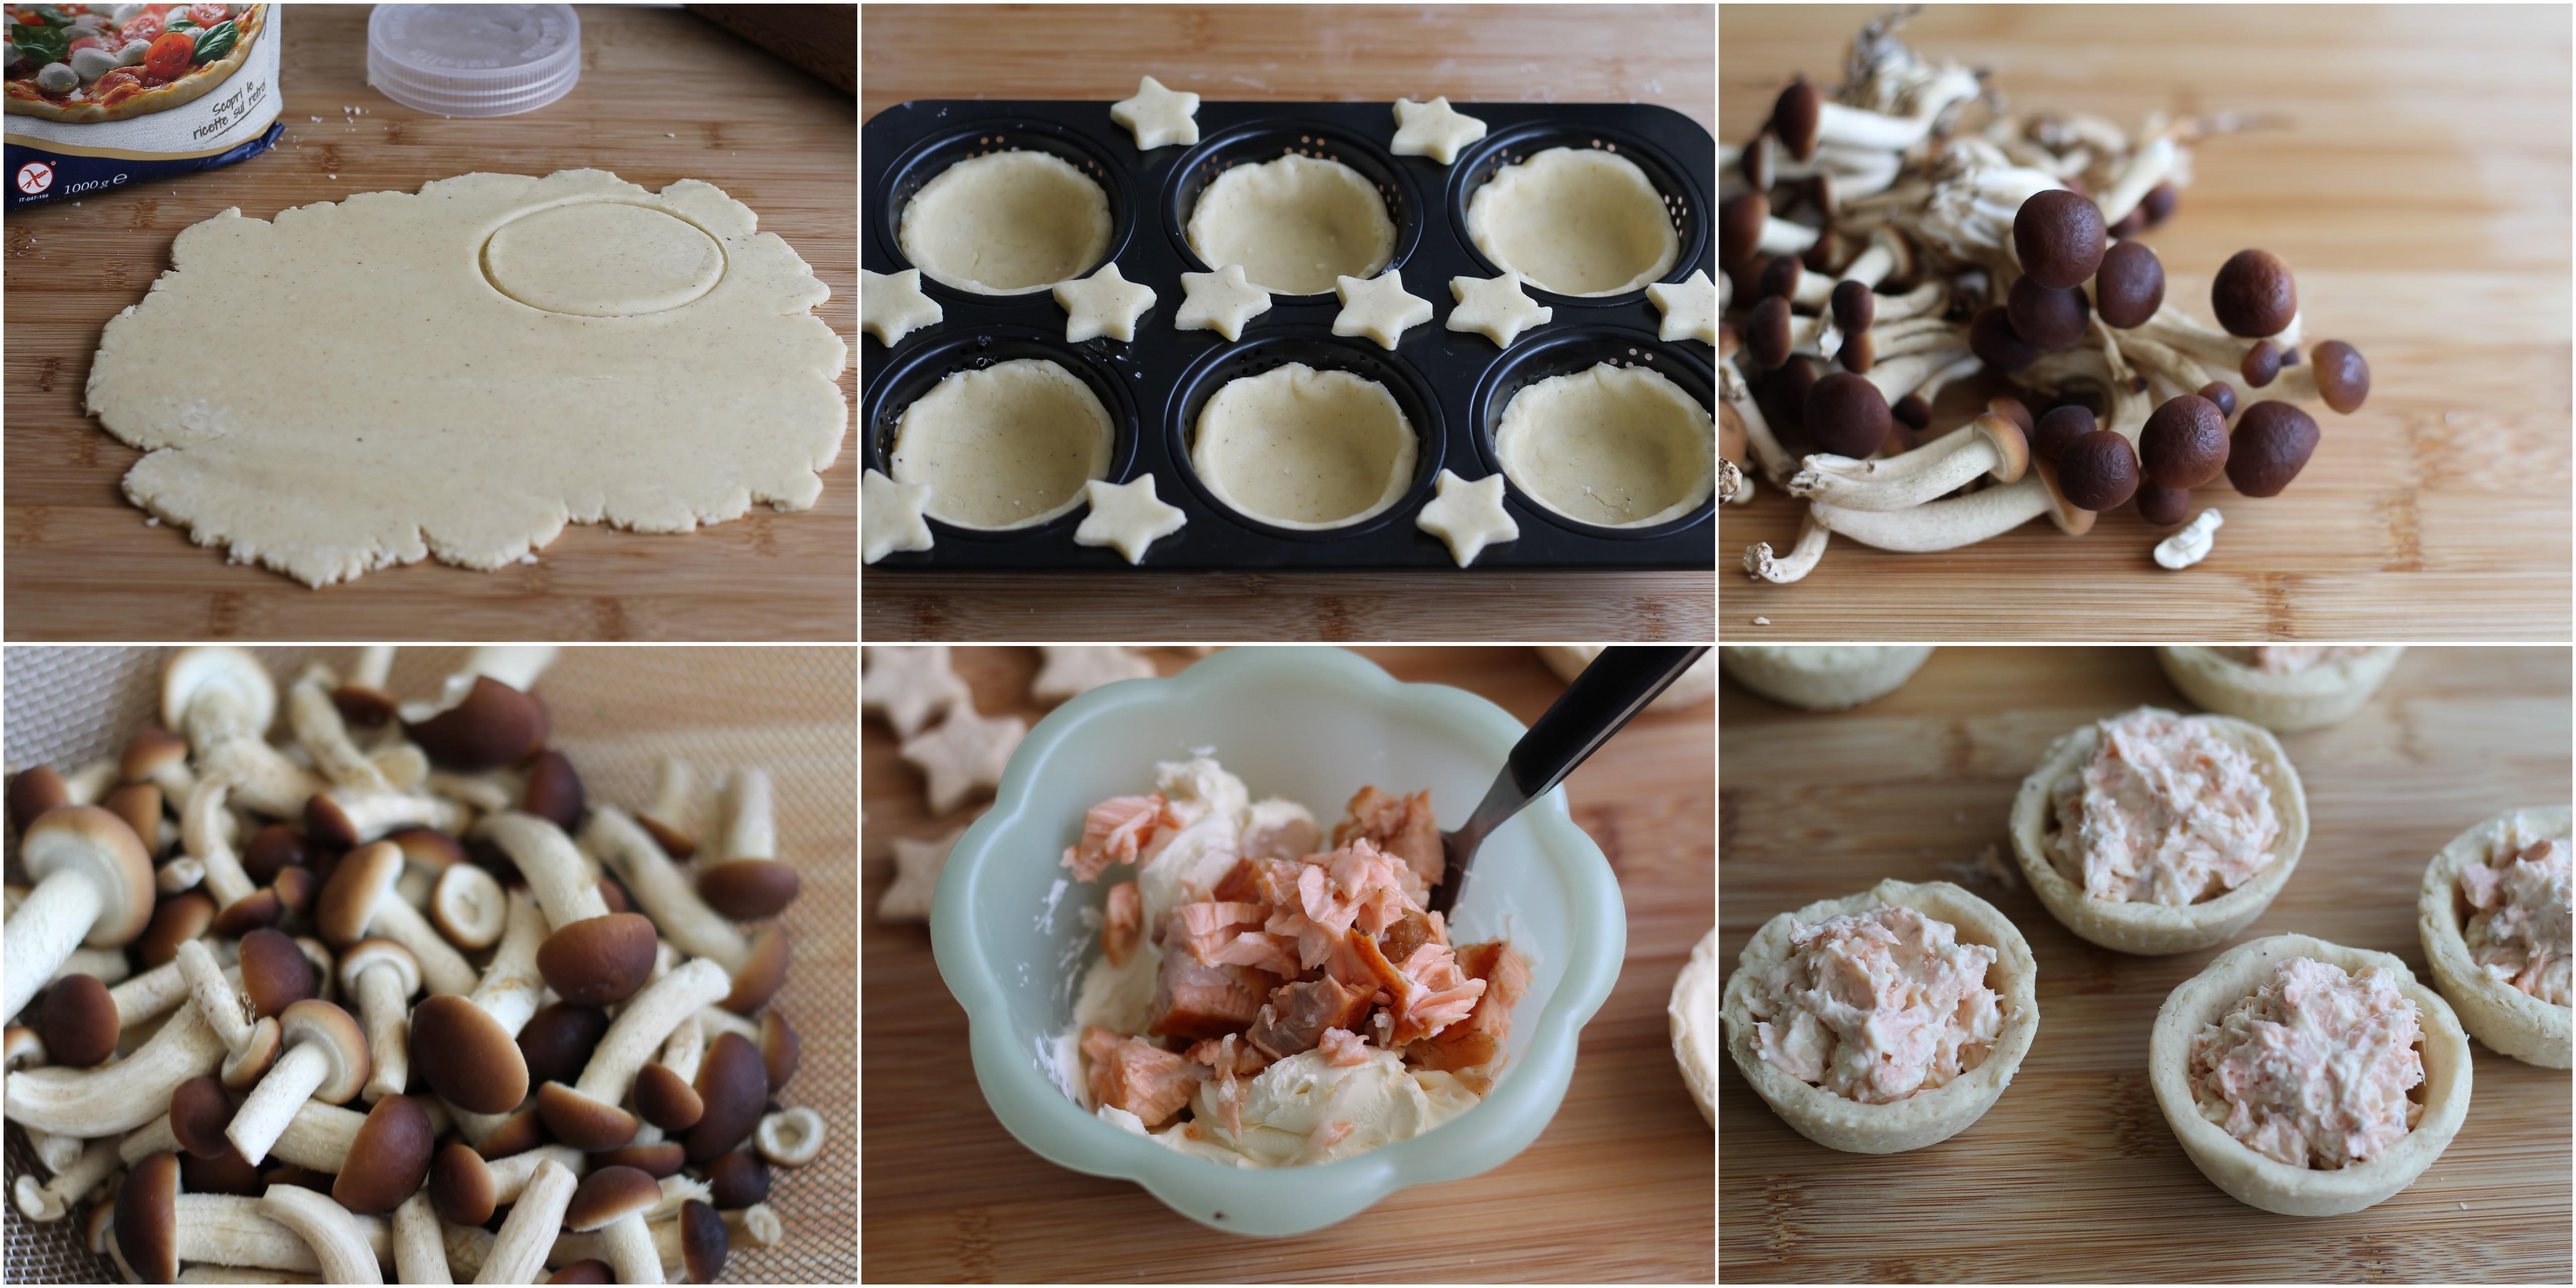 Croustades senza glutine con salmone e pioppini - La Cassata Celiaca